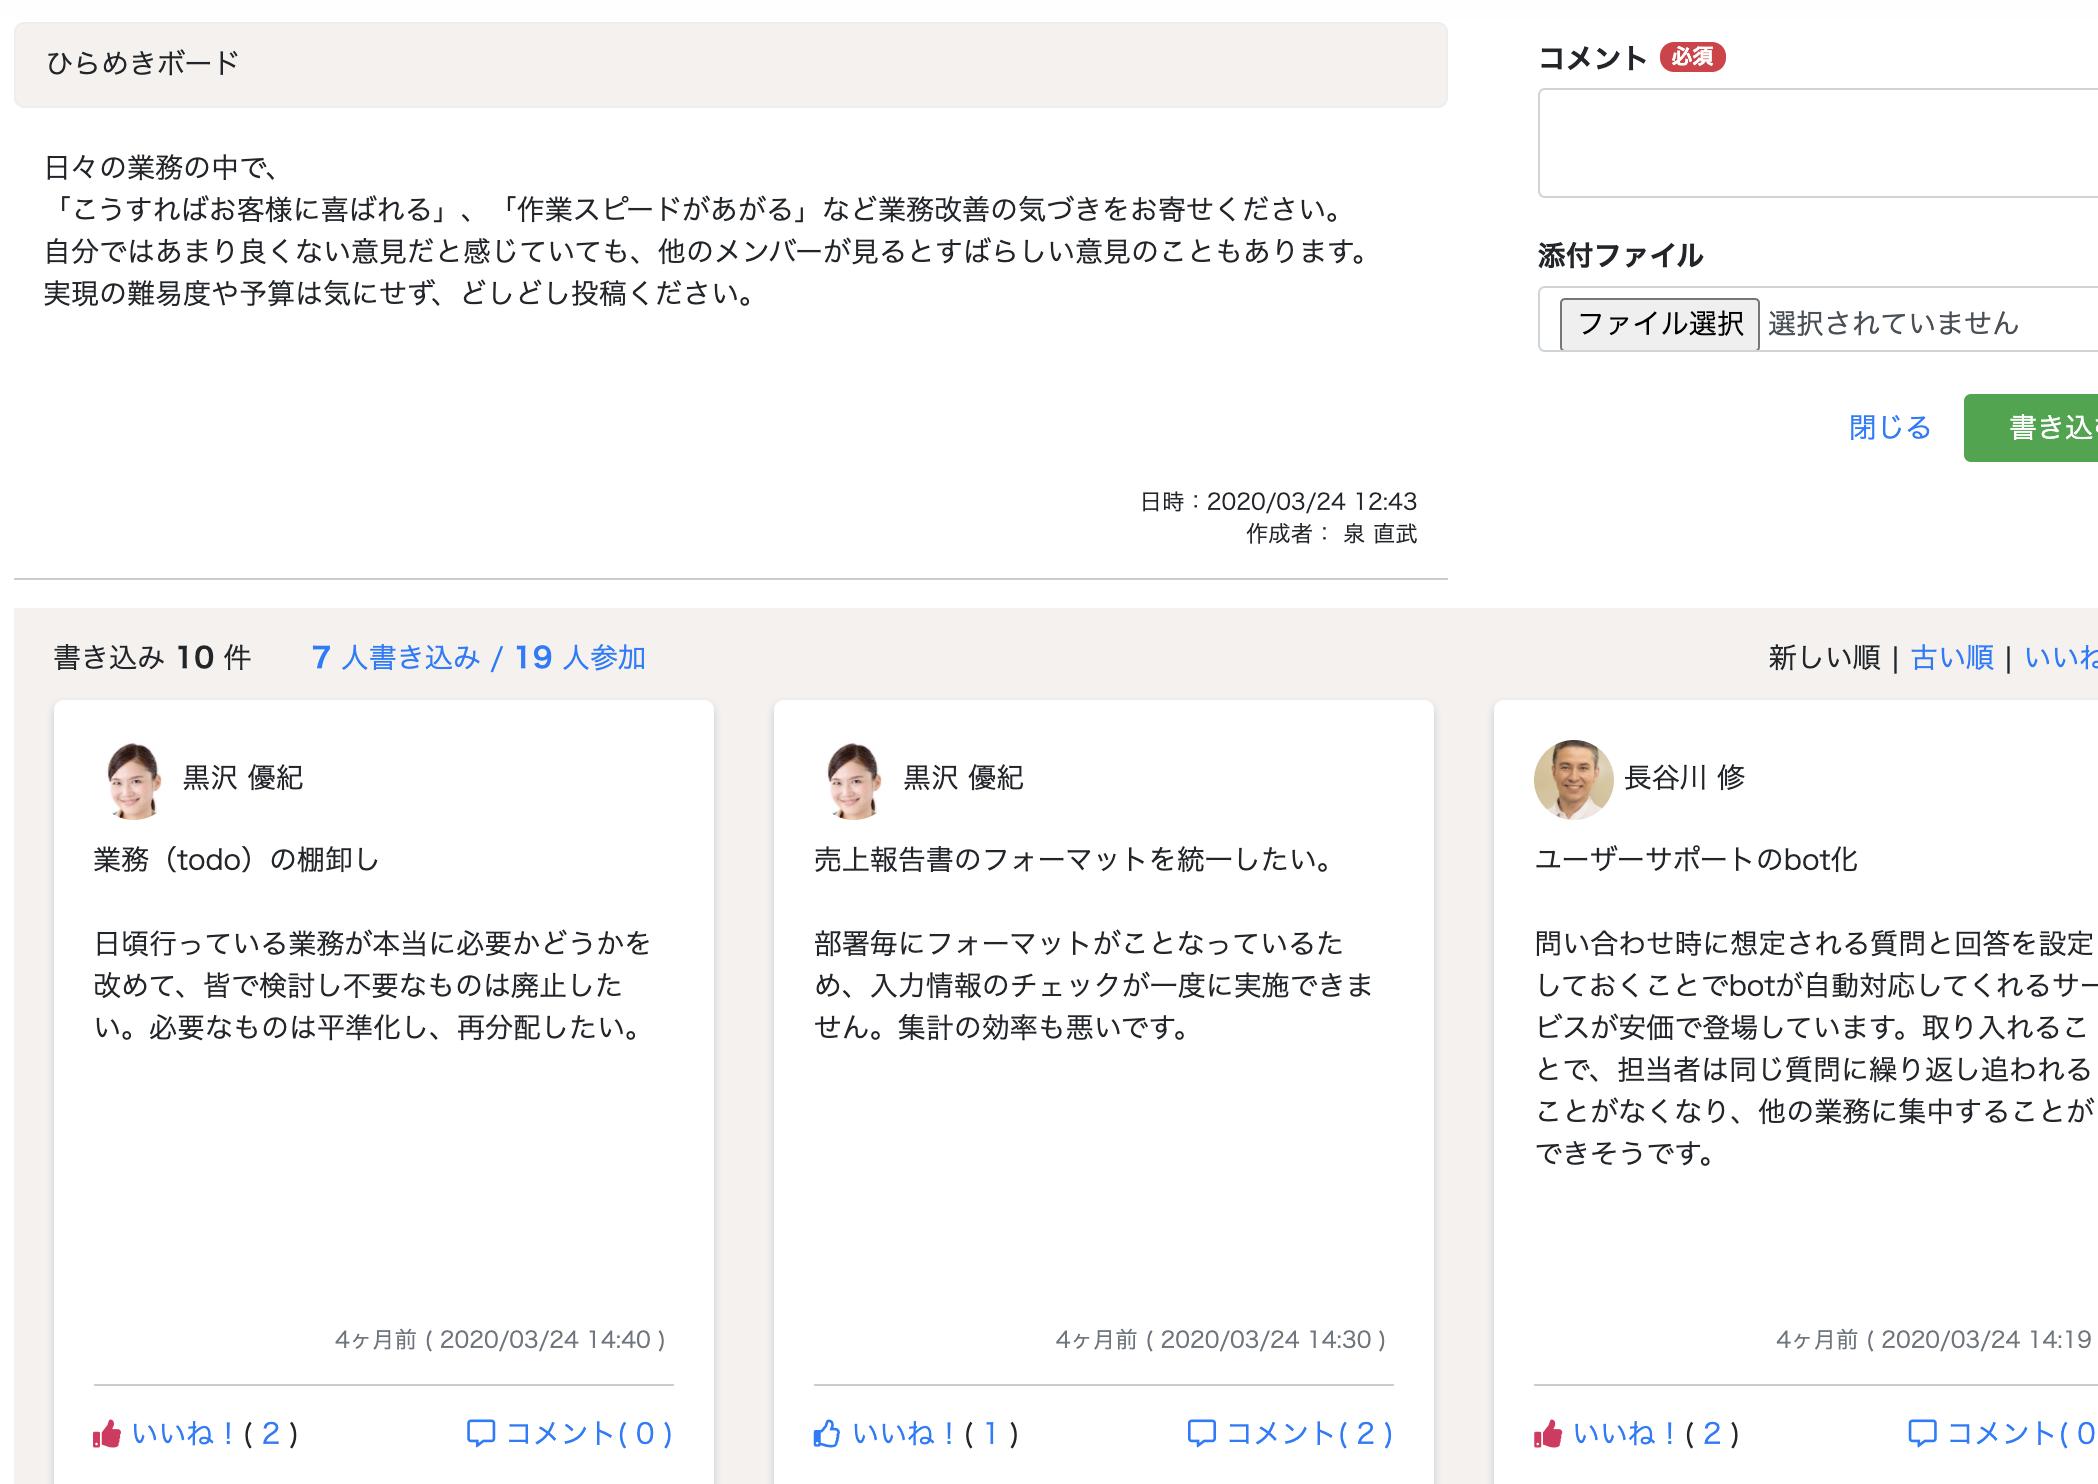 シナジーHR 意見ツール 社内の情報を簡単共有